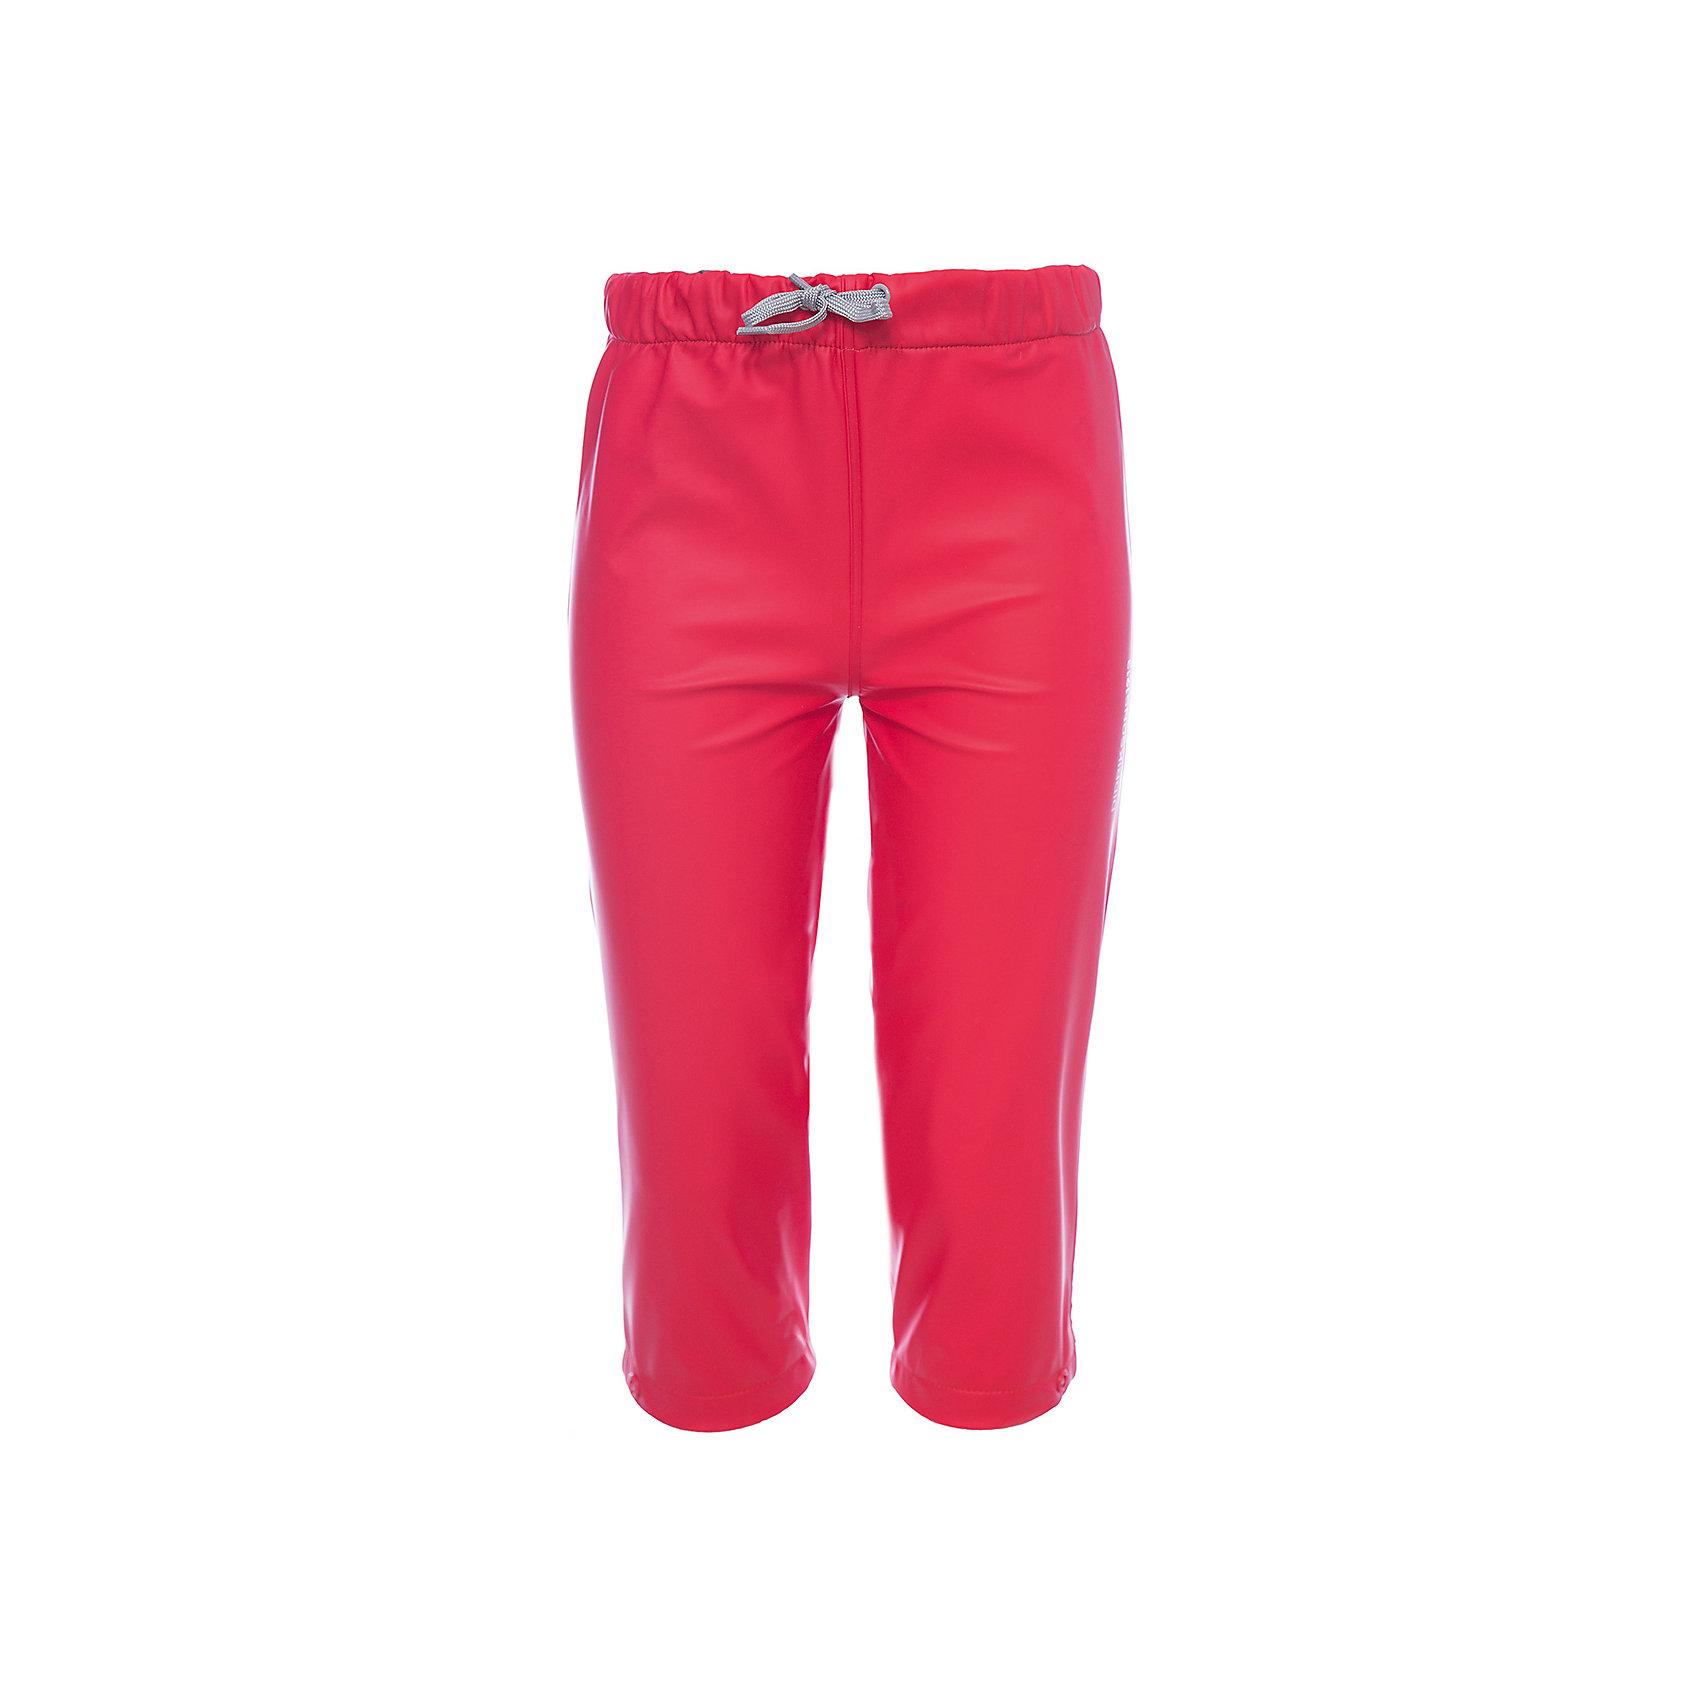 Непромокаемые брюки MIDJEMAN  DIDRIKSONSВерхняя одежда<br>Характеристики товара:<br><br>• цвет: красный<br>• материал: 100% полиэстер, покрытие 100% полиуретан<br>• подкладка: 100% полиэстер, трикотаж<br>• утеплитель: нет<br>• сезон: демисезон<br>• температурный режим: от +10°С до +20°С<br>• прорезиненные<br>• уровень влагонепроницаемости: 8000 мм (DRY-8)<br>• мягкая резинка в талии<br>• ветронепродуваемые<br>• шнурок со стоппером<br>• все швы пропаяны<br>• наличие светоотражающих деталей<br>• страна бренда: Швеция<br>• страна производства: Китай<br><br>Брюки из водонепроницаемого полиуретана Galon с бондированным трикотажем внутри без утеплителя. Все швы пропаяны, что обеспечивает максимальную защиту от внешней влаги. Светоотражатели. Брюки можно использовать в качестве самостоятельного предмета одежды, а также в качестве защитной одежды.<br><br>Брюки MIDJEMAN от бренда DIDRIKSONS (Дидриксонс) можно купить в нашем интернет-магазине.<br><br>Ширина мм: 215<br>Глубина мм: 88<br>Высота мм: 191<br>Вес г: 336<br>Цвет: розовый<br>Возраст от месяцев: 18<br>Возраст до месяцев: 24<br>Пол: Унисекс<br>Возраст: Детский<br>Размер: 90,120,80,100<br>SKU: 5527324